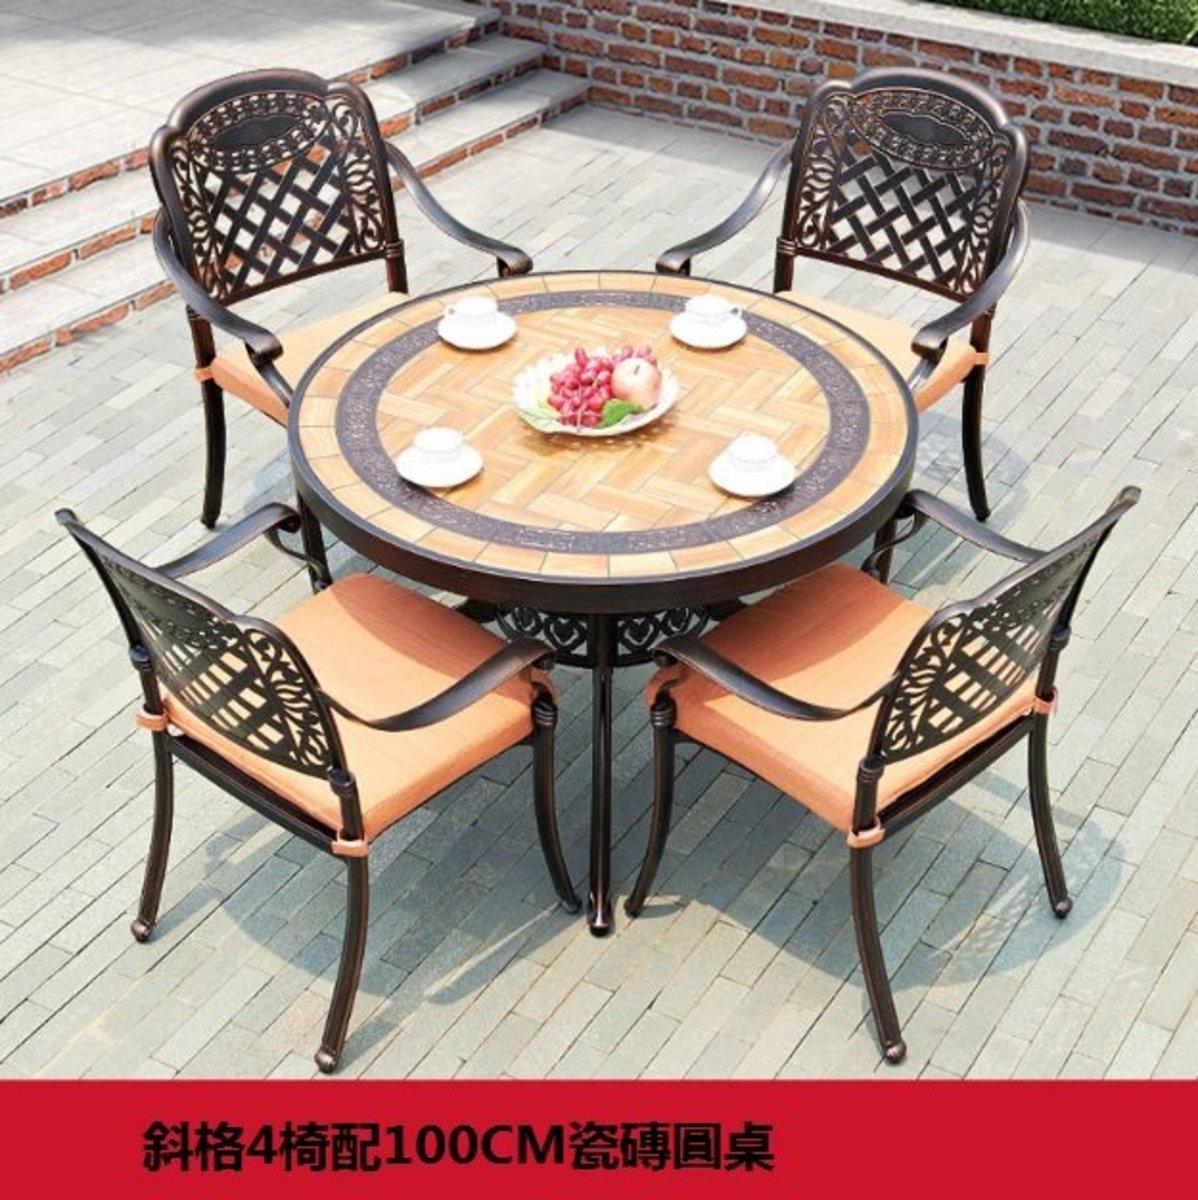 歐式鐵藝防水防曬桌椅(斜格4椅配100CM瓷磚圓桌)